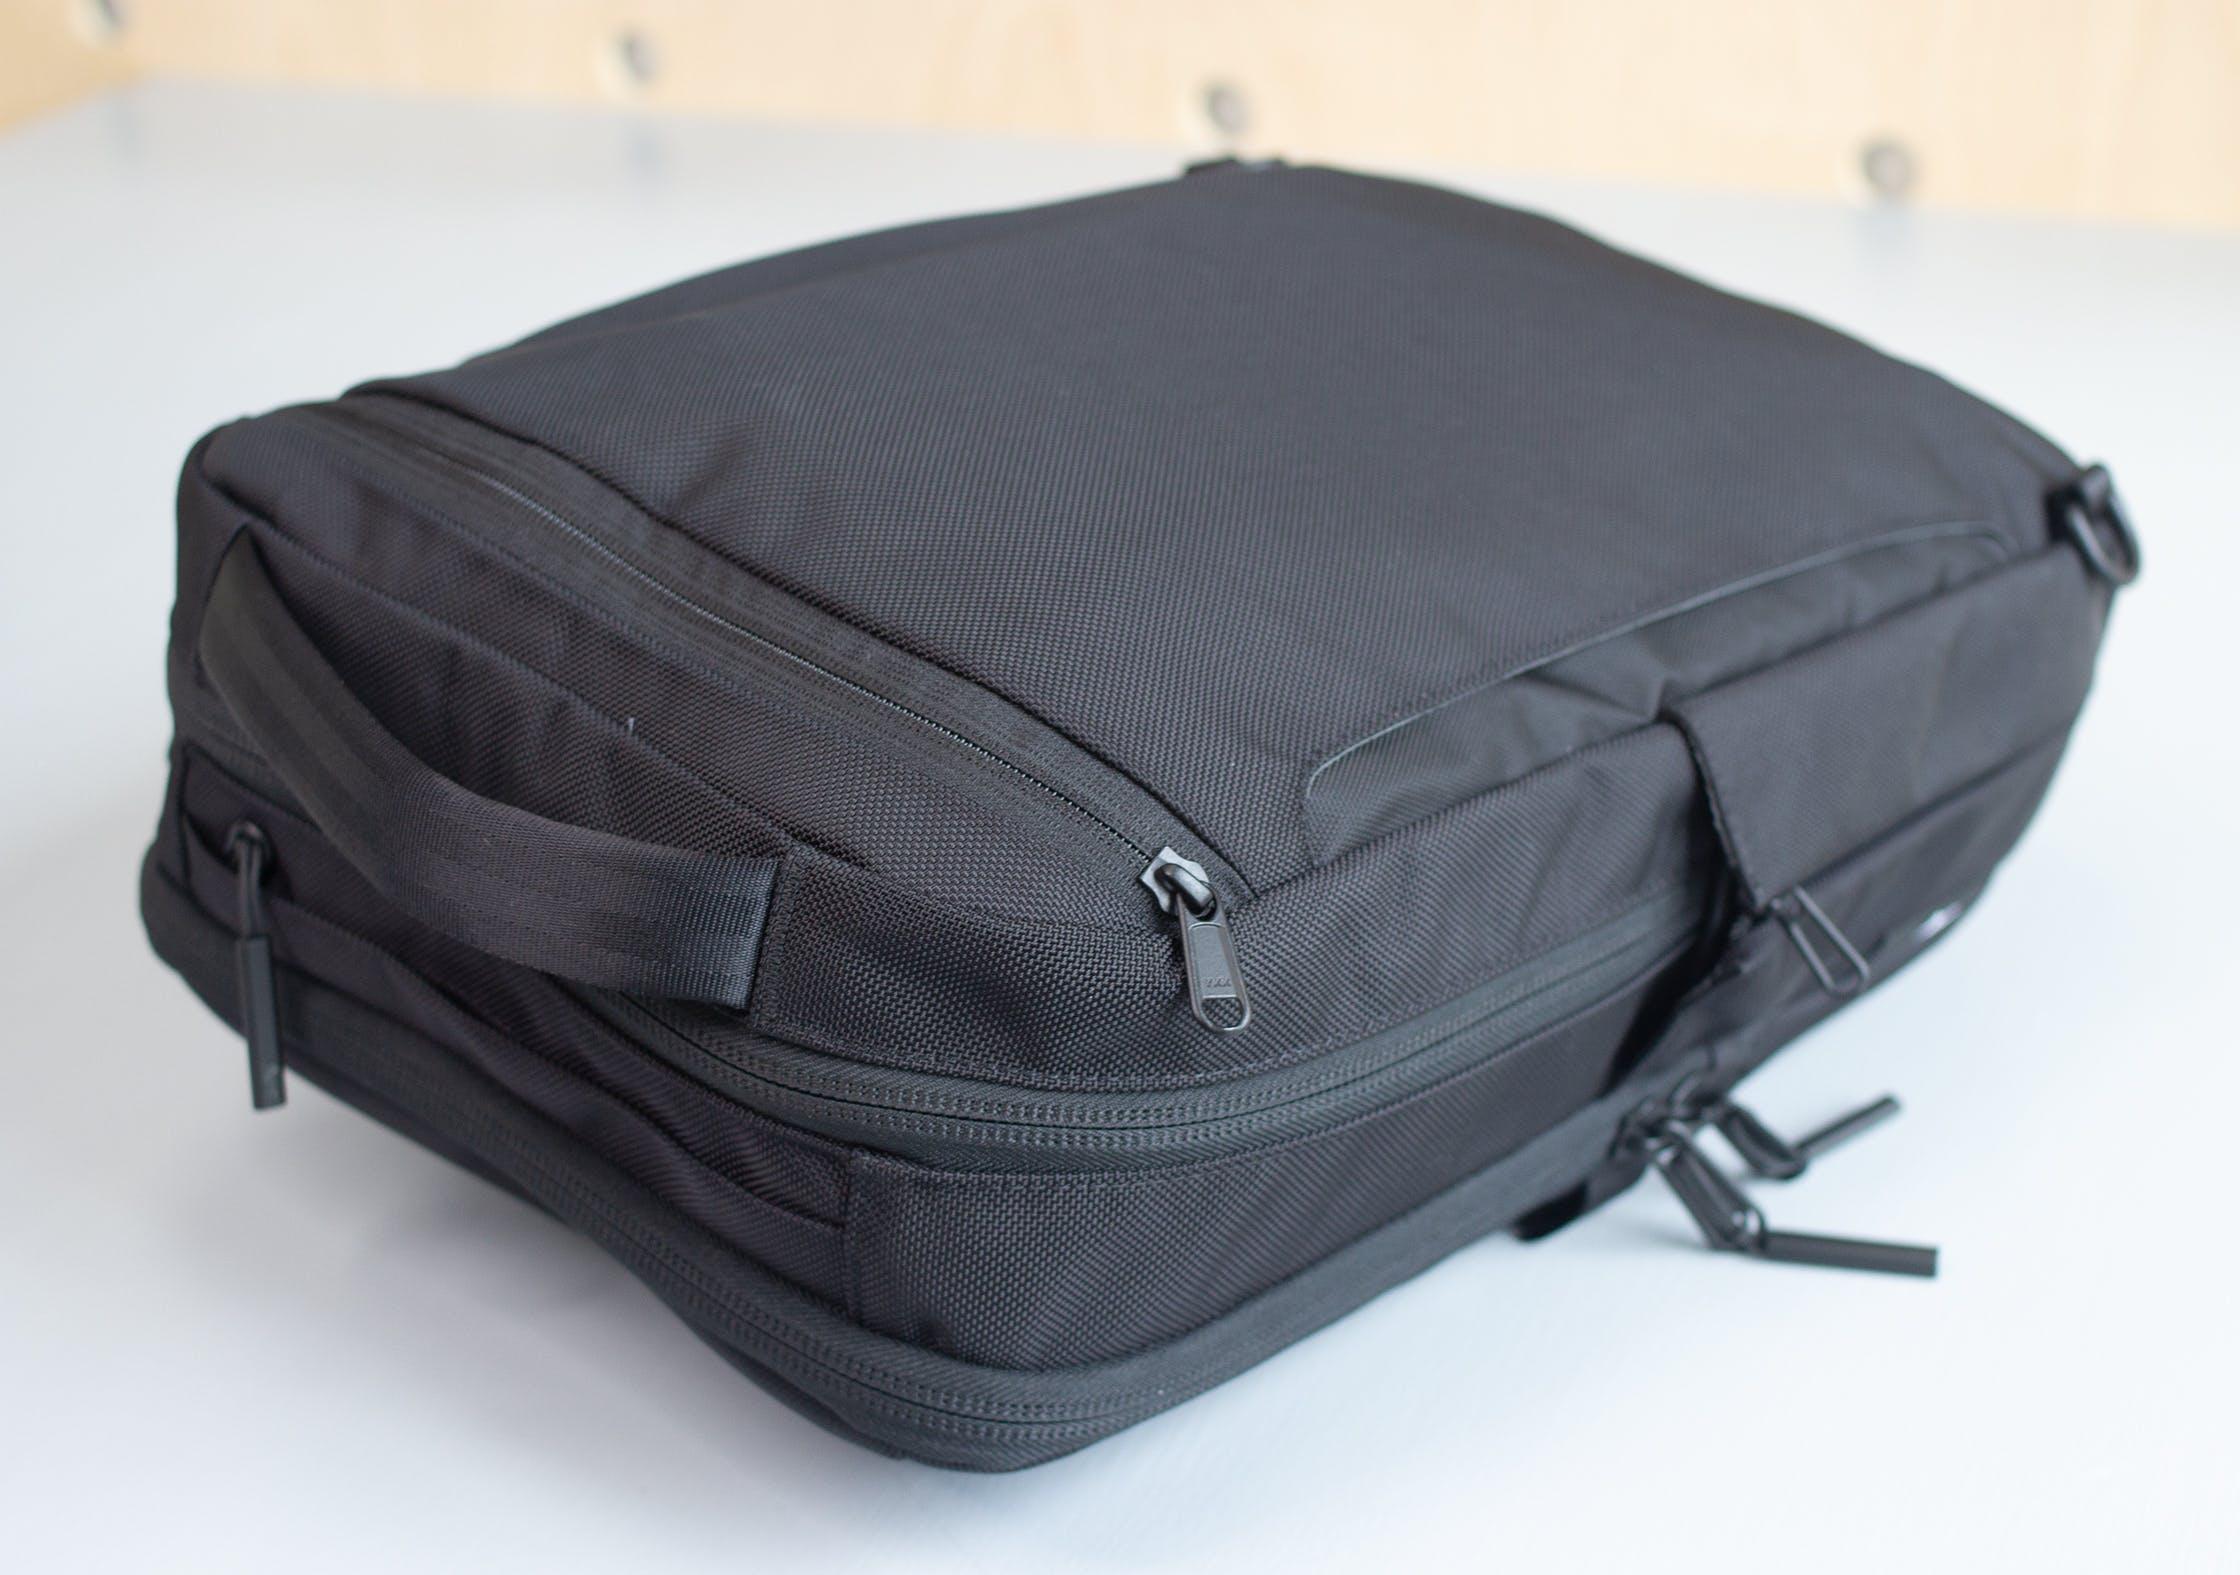 Aer Flight Pack 2 Hidden Strap System